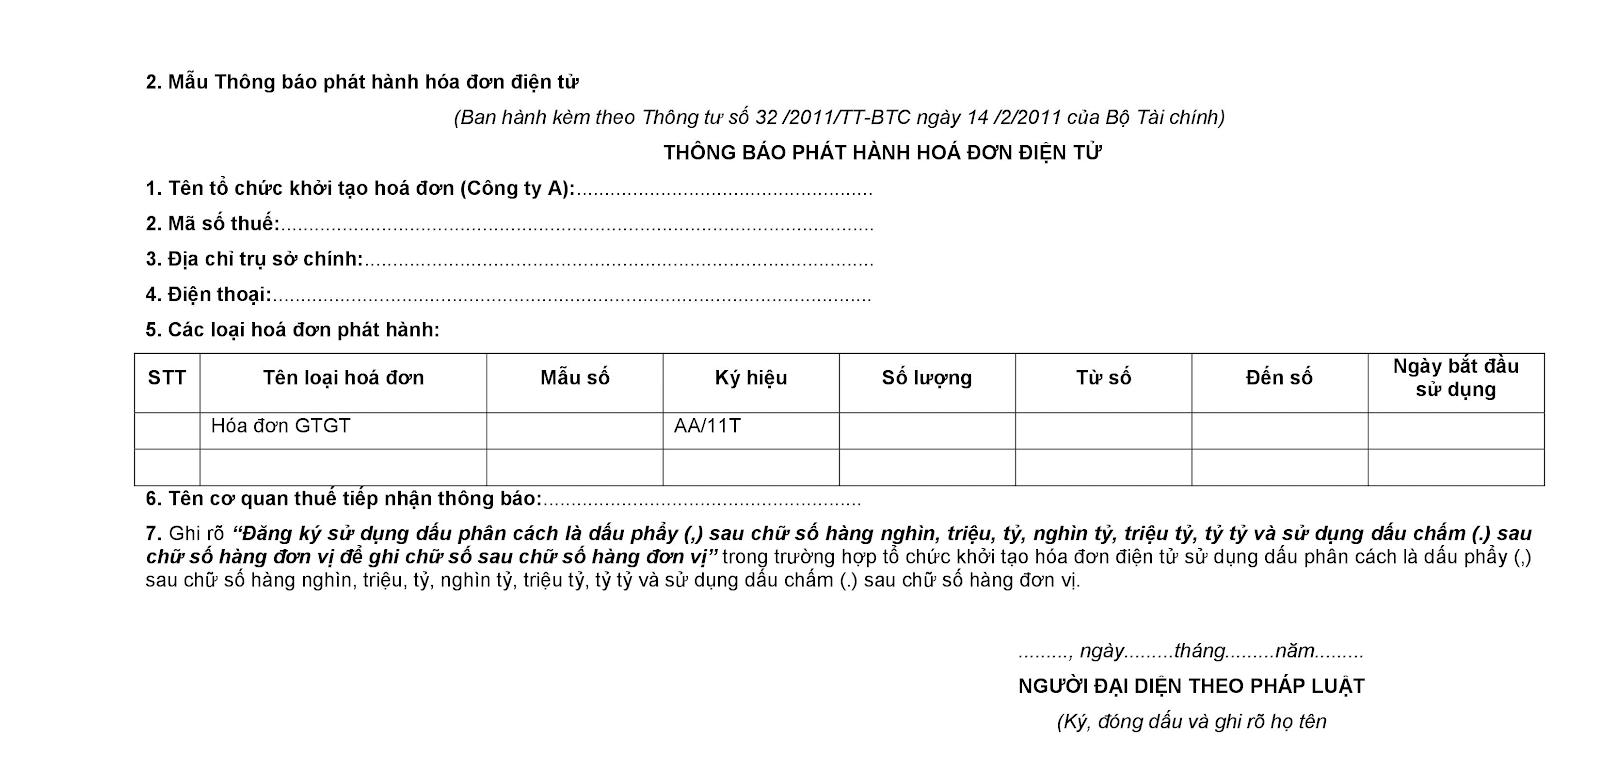 Thông báo phát hành hóa đơn điện tử lần đầu qua mạng 3